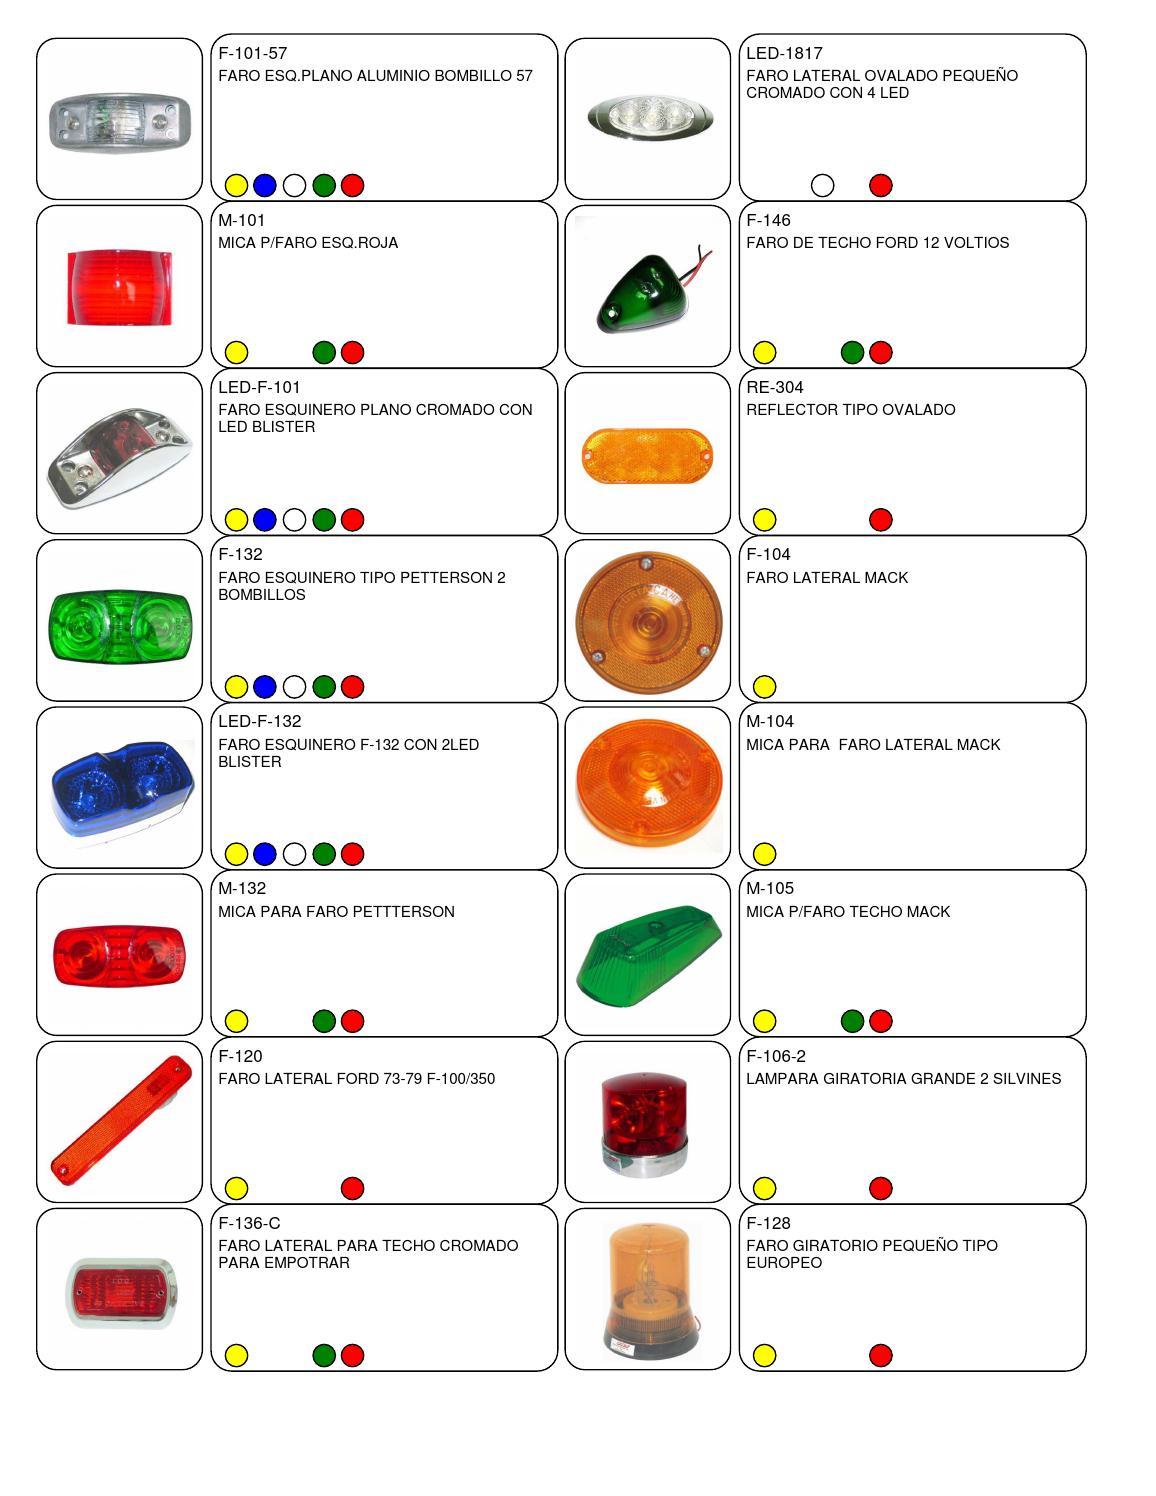 Catalogo Universal Parts Ca By Leonardo Barreto Issuu